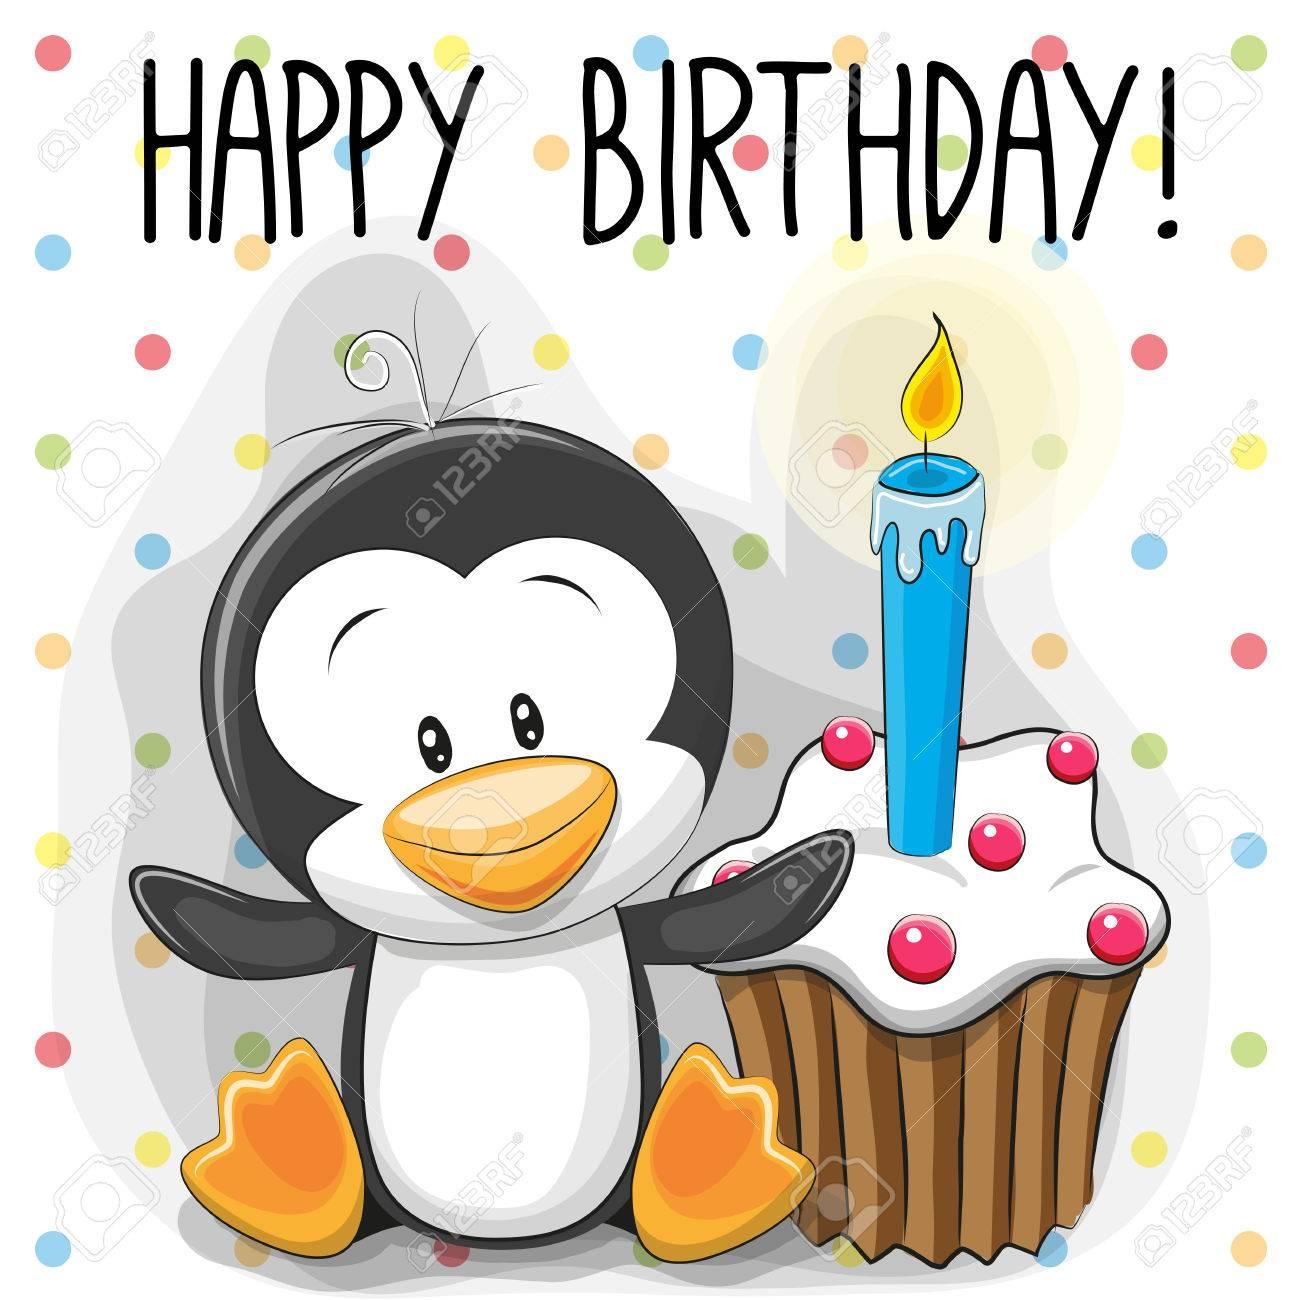 Grusskarte Niedliche Cartoon Pinguin Mit Kuchen Lizenzfrei Nutzbare